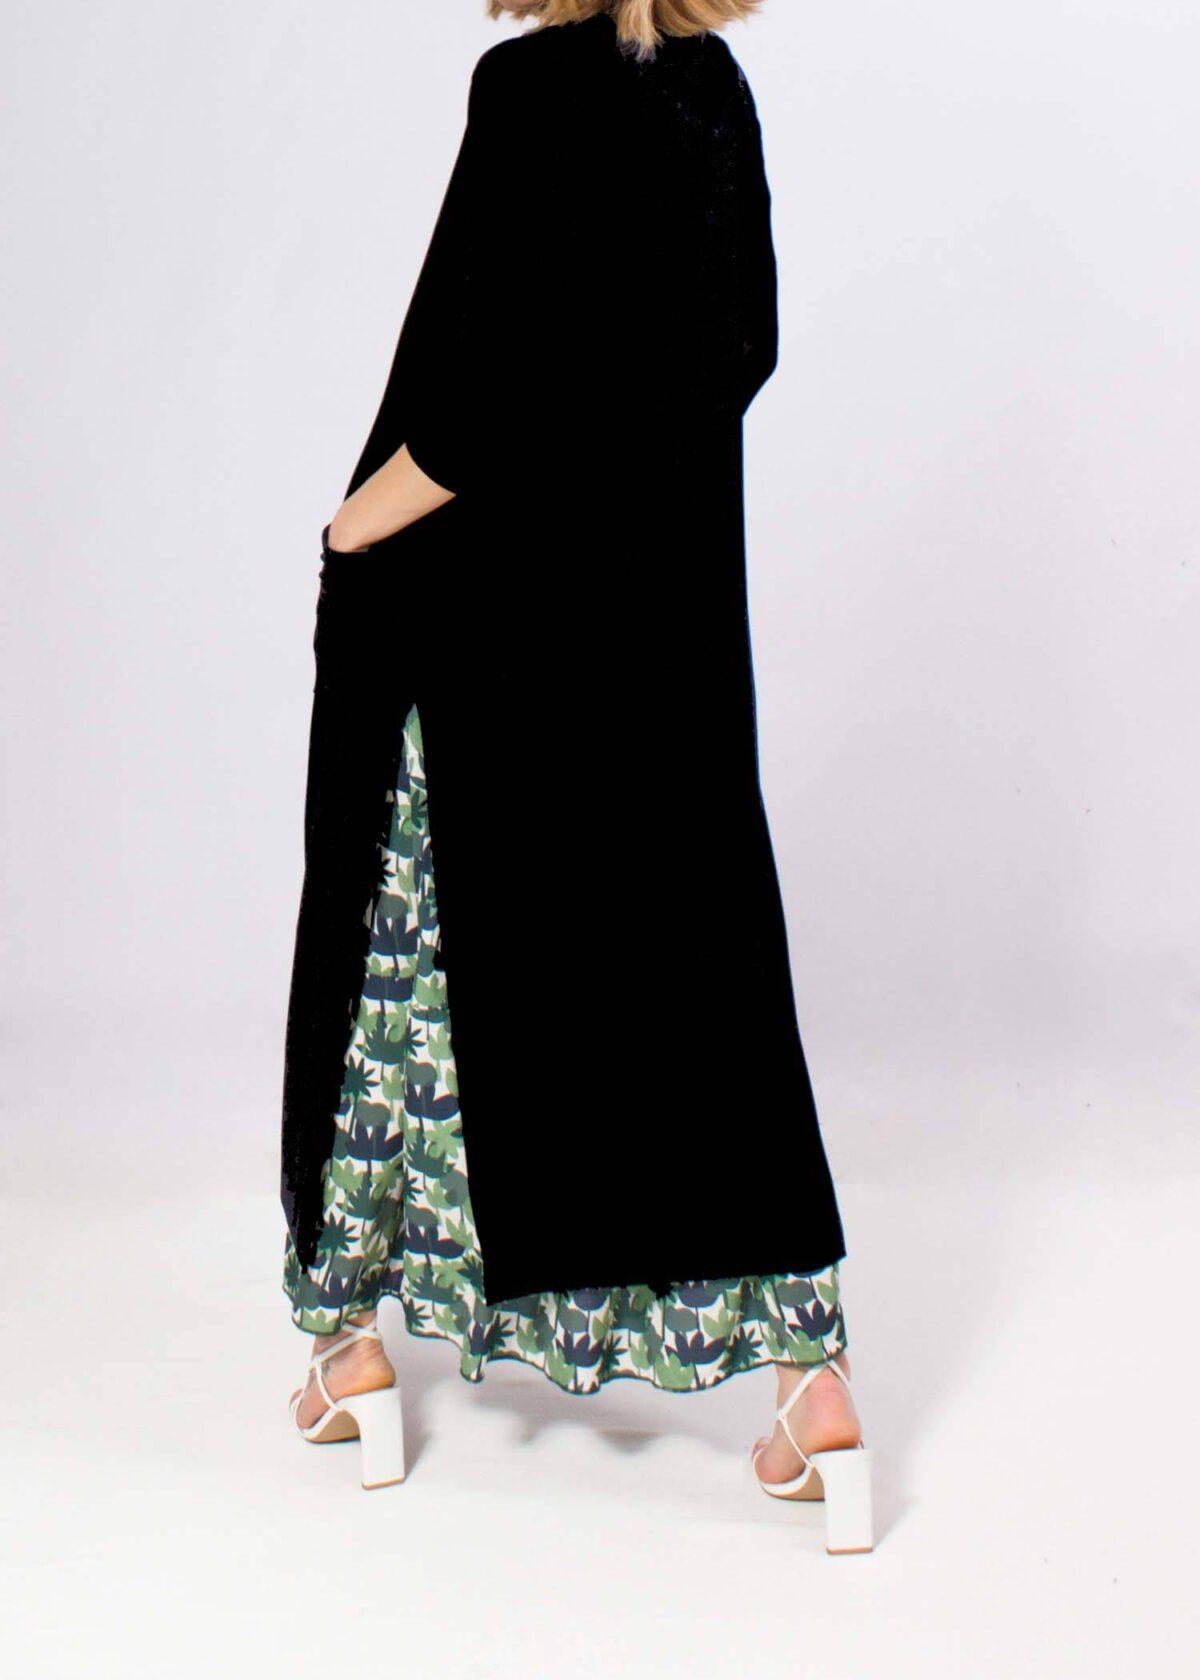 chaqueta-mujer-larga-negra-entretiempo-parole-italy-lopezientos